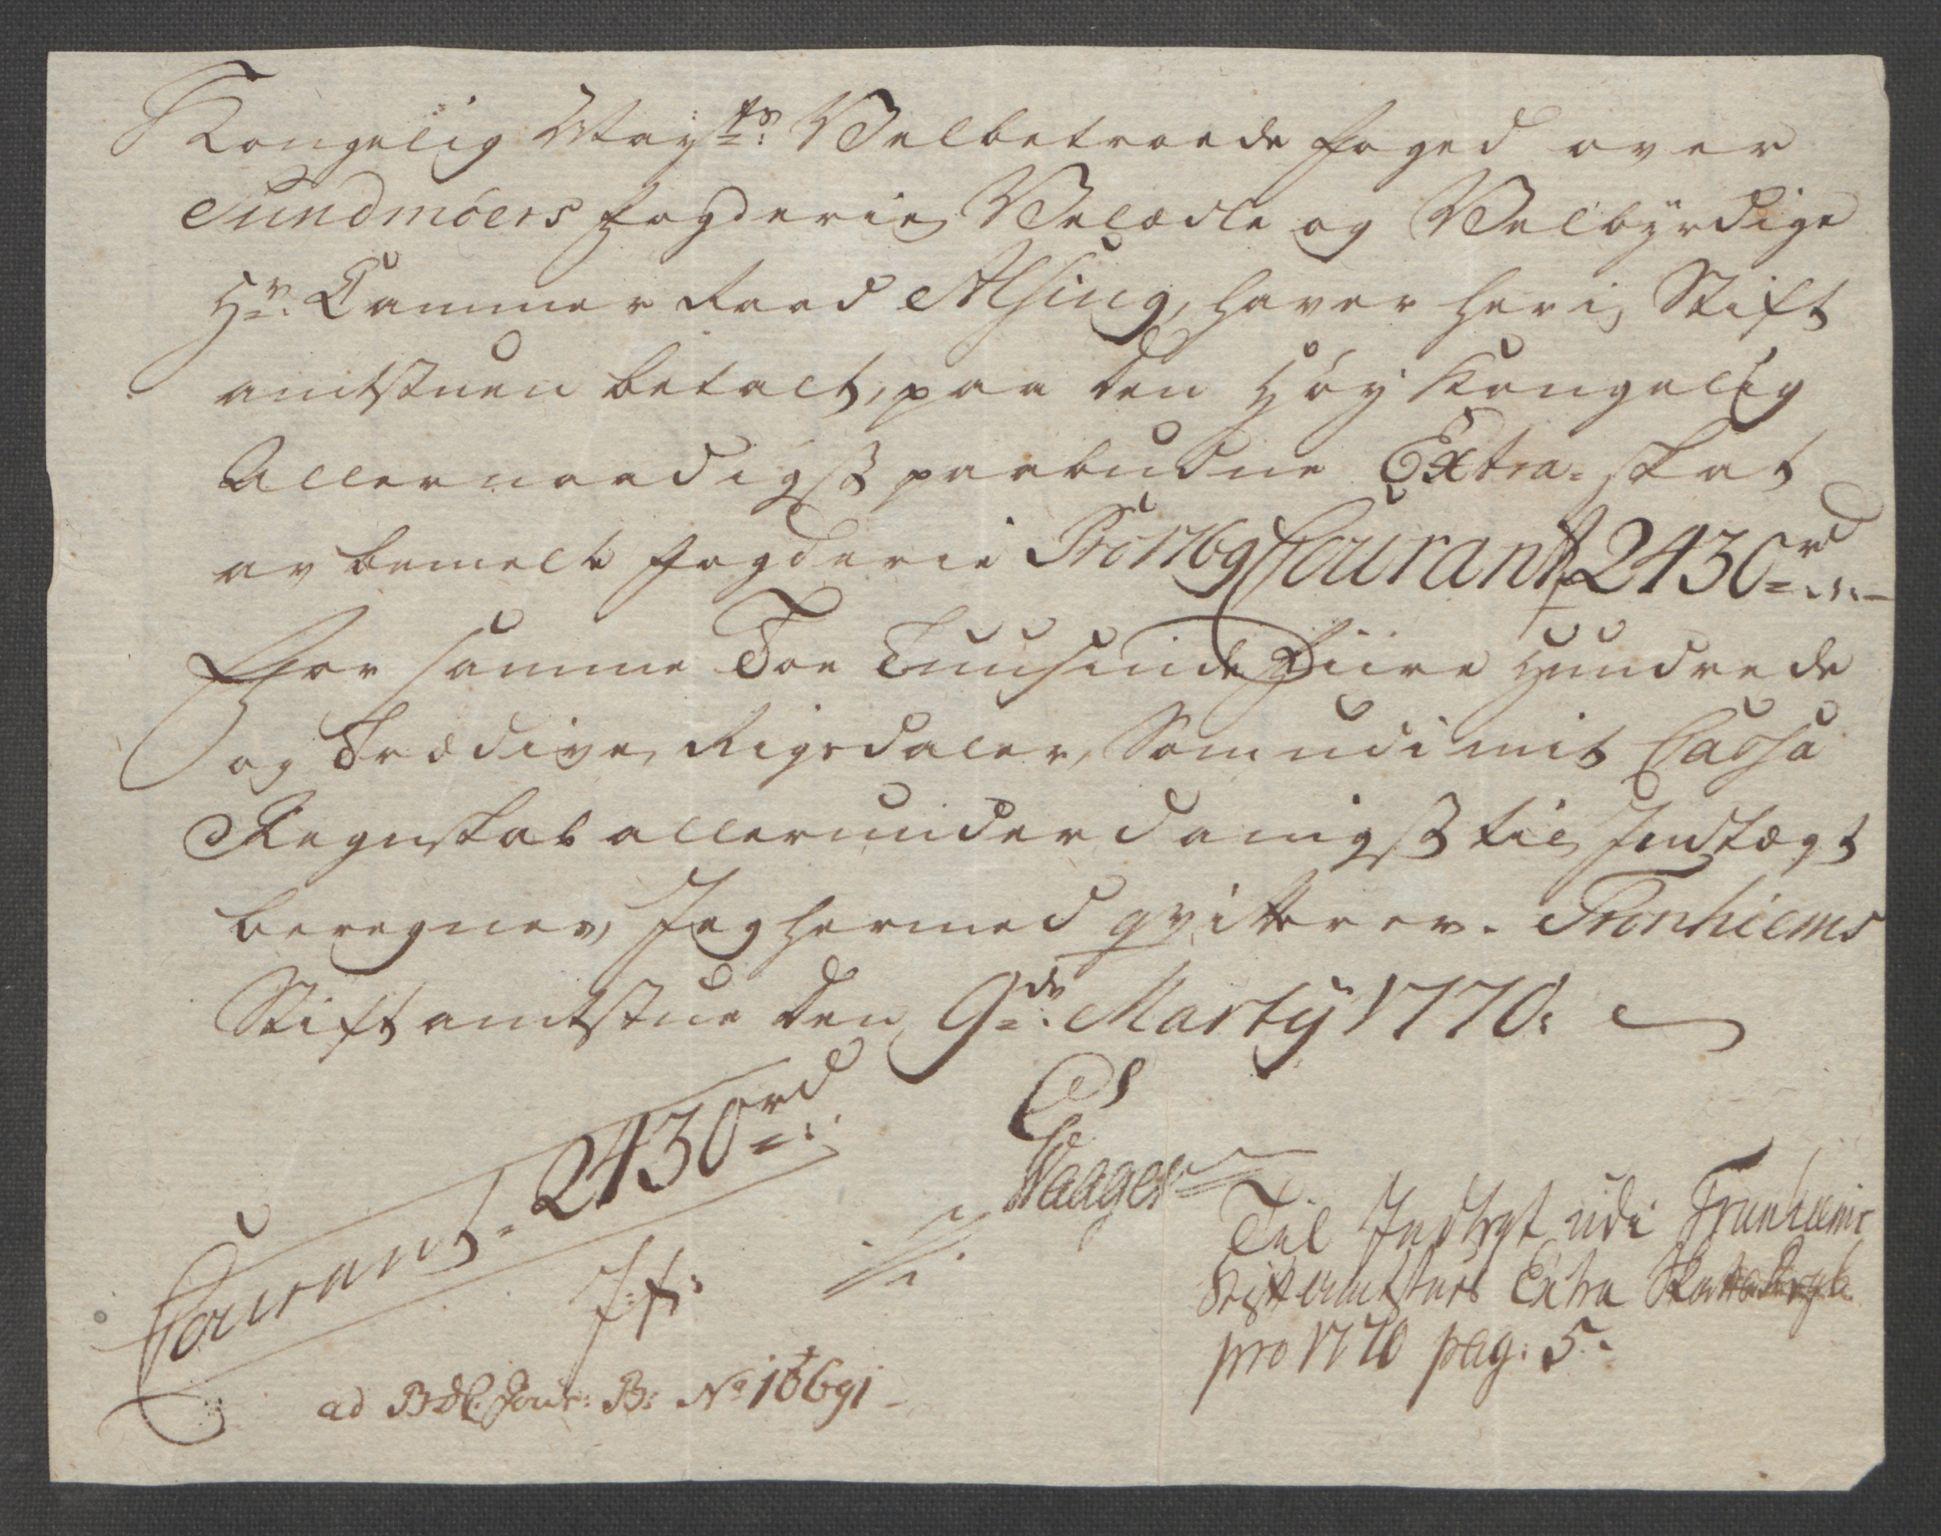 RA, Rentekammeret inntil 1814, Reviderte regnskaper, Fogderegnskap, R54/L3645: Ekstraskatten Sunnmøre, 1762-1772, s. 170